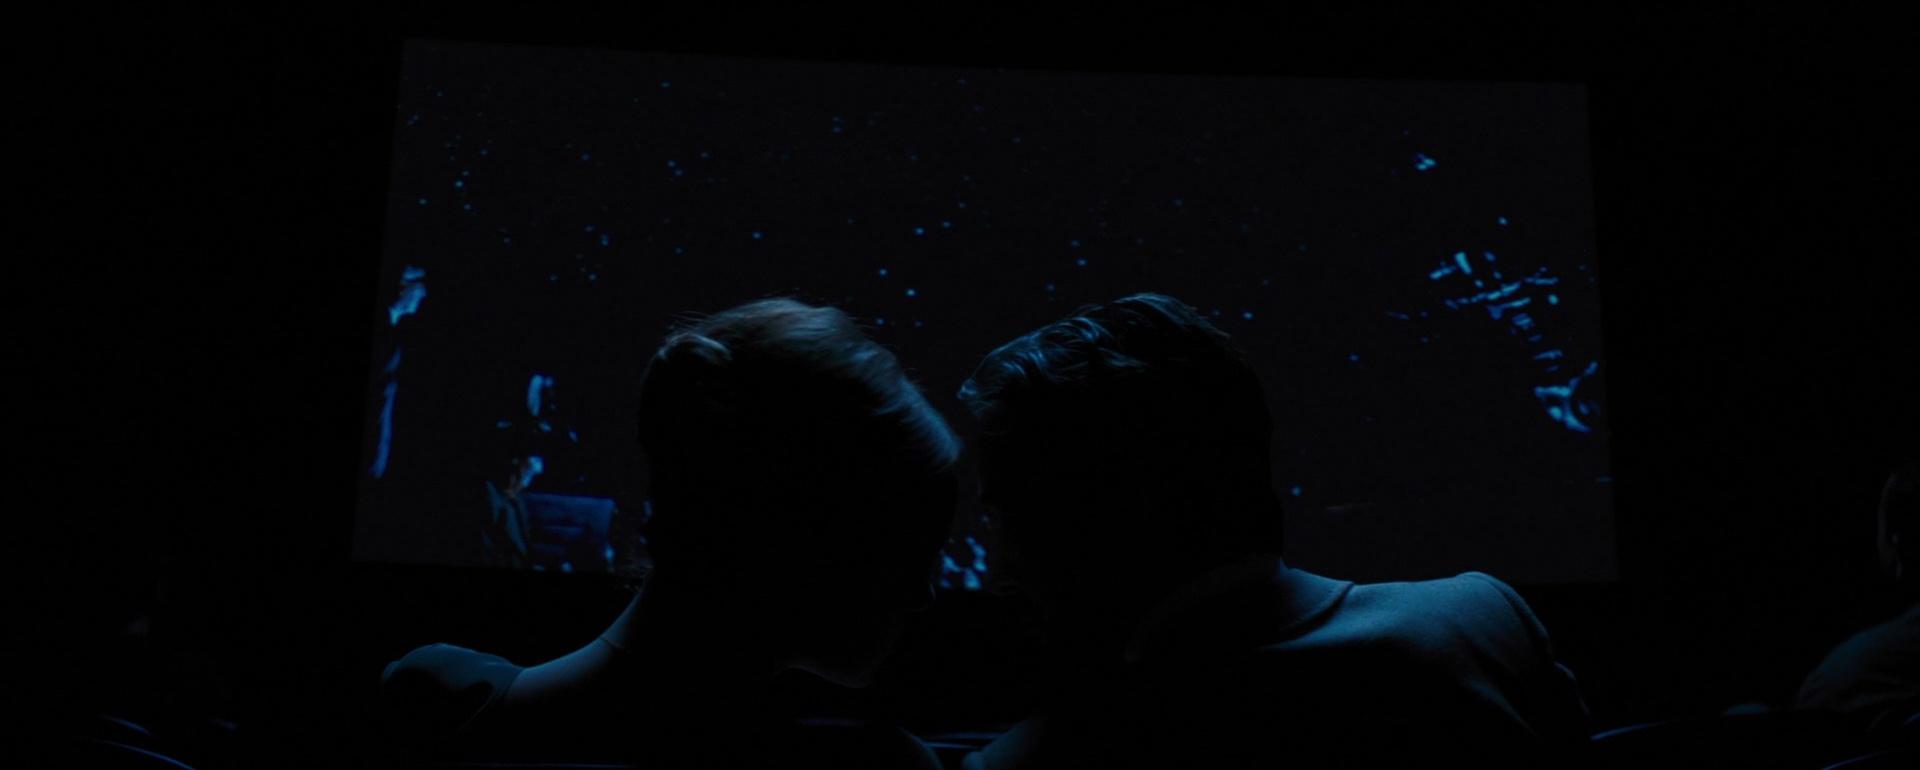 La La Land film still 15